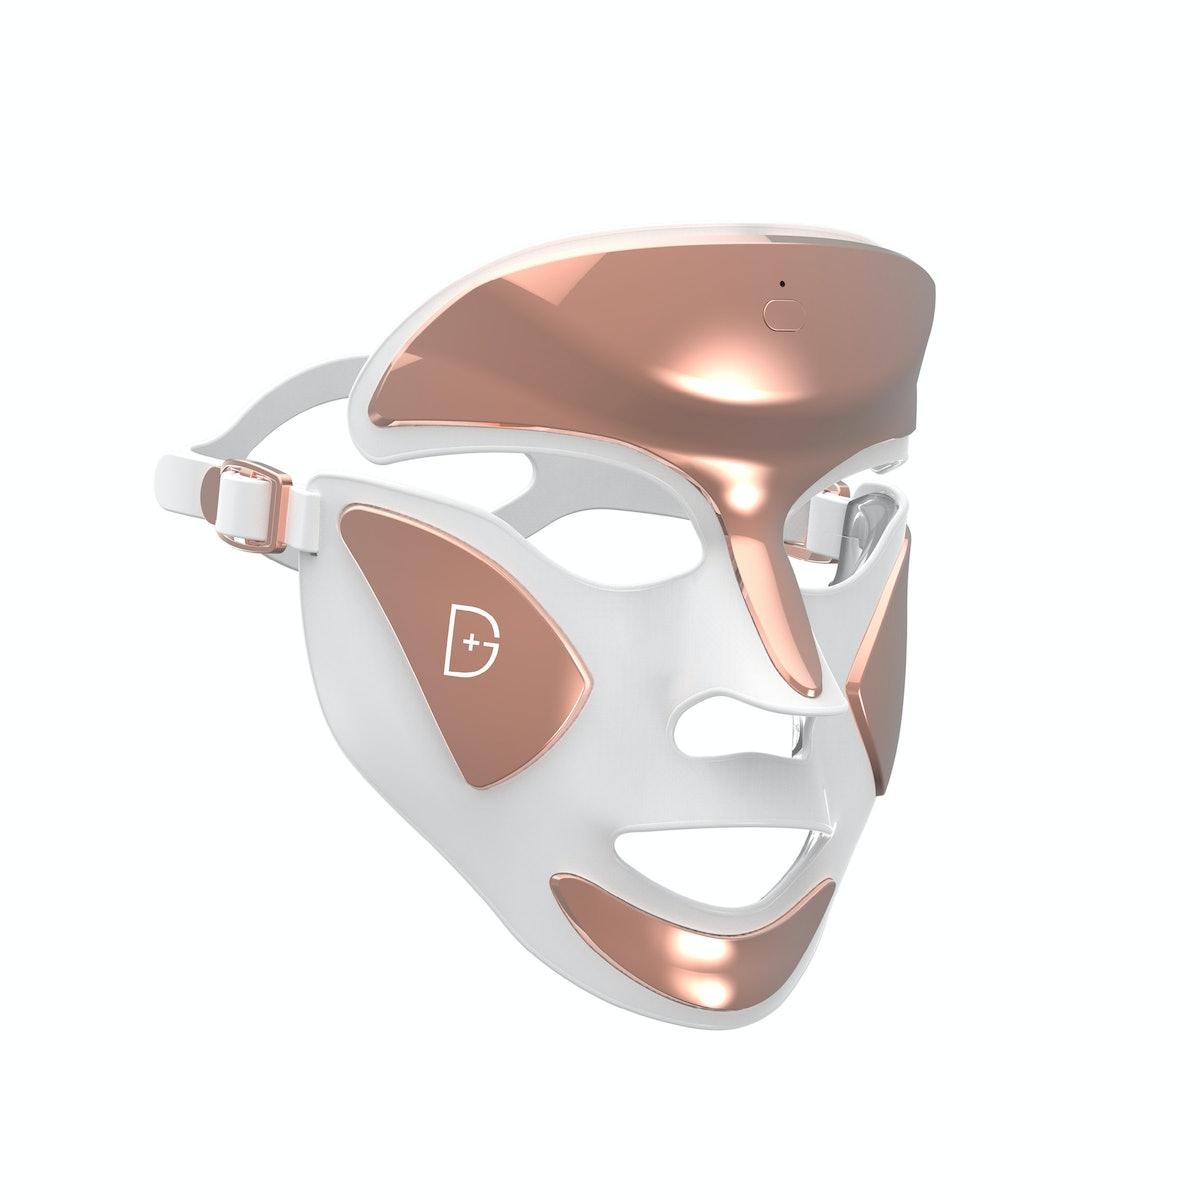 DRx SpectraLite FaceWare Pro